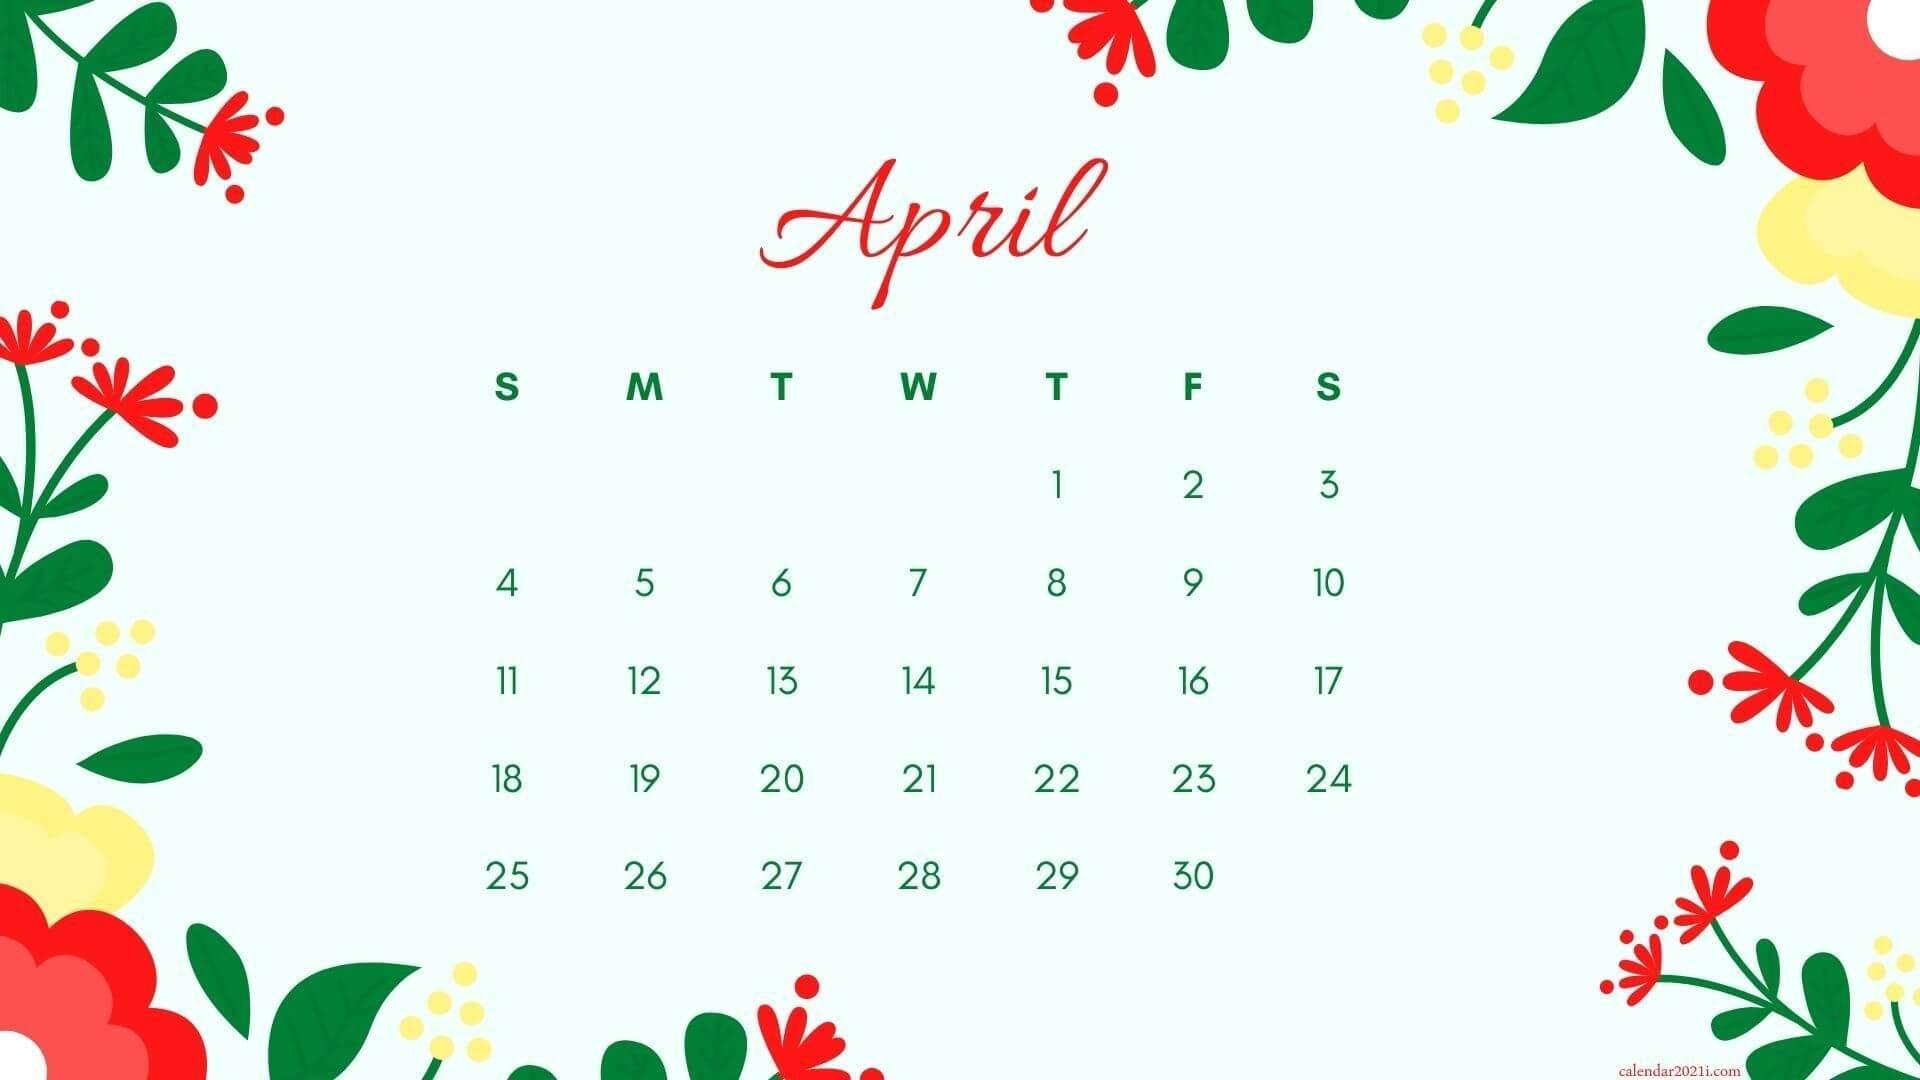 April 2021 Calendar Wallpaper